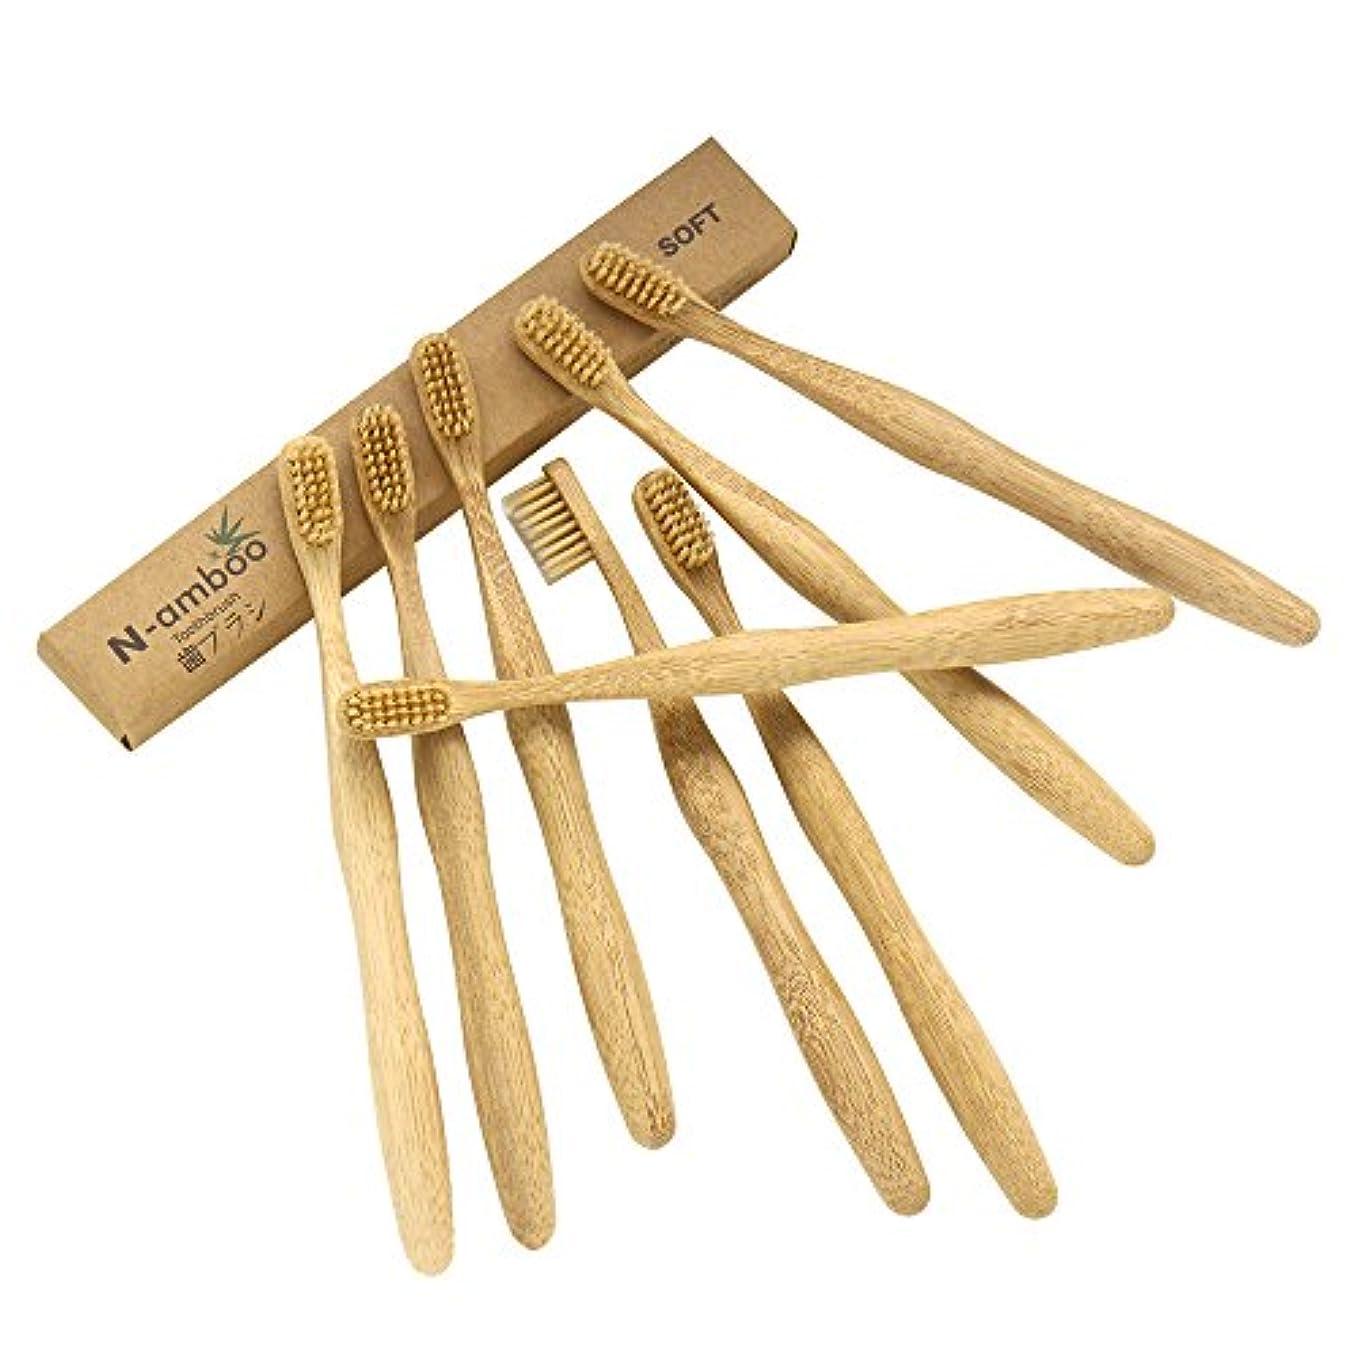 斧フィットチーターN-amboo 竹製耐久度高い 歯ブラシ ベージュ 8本入り セット